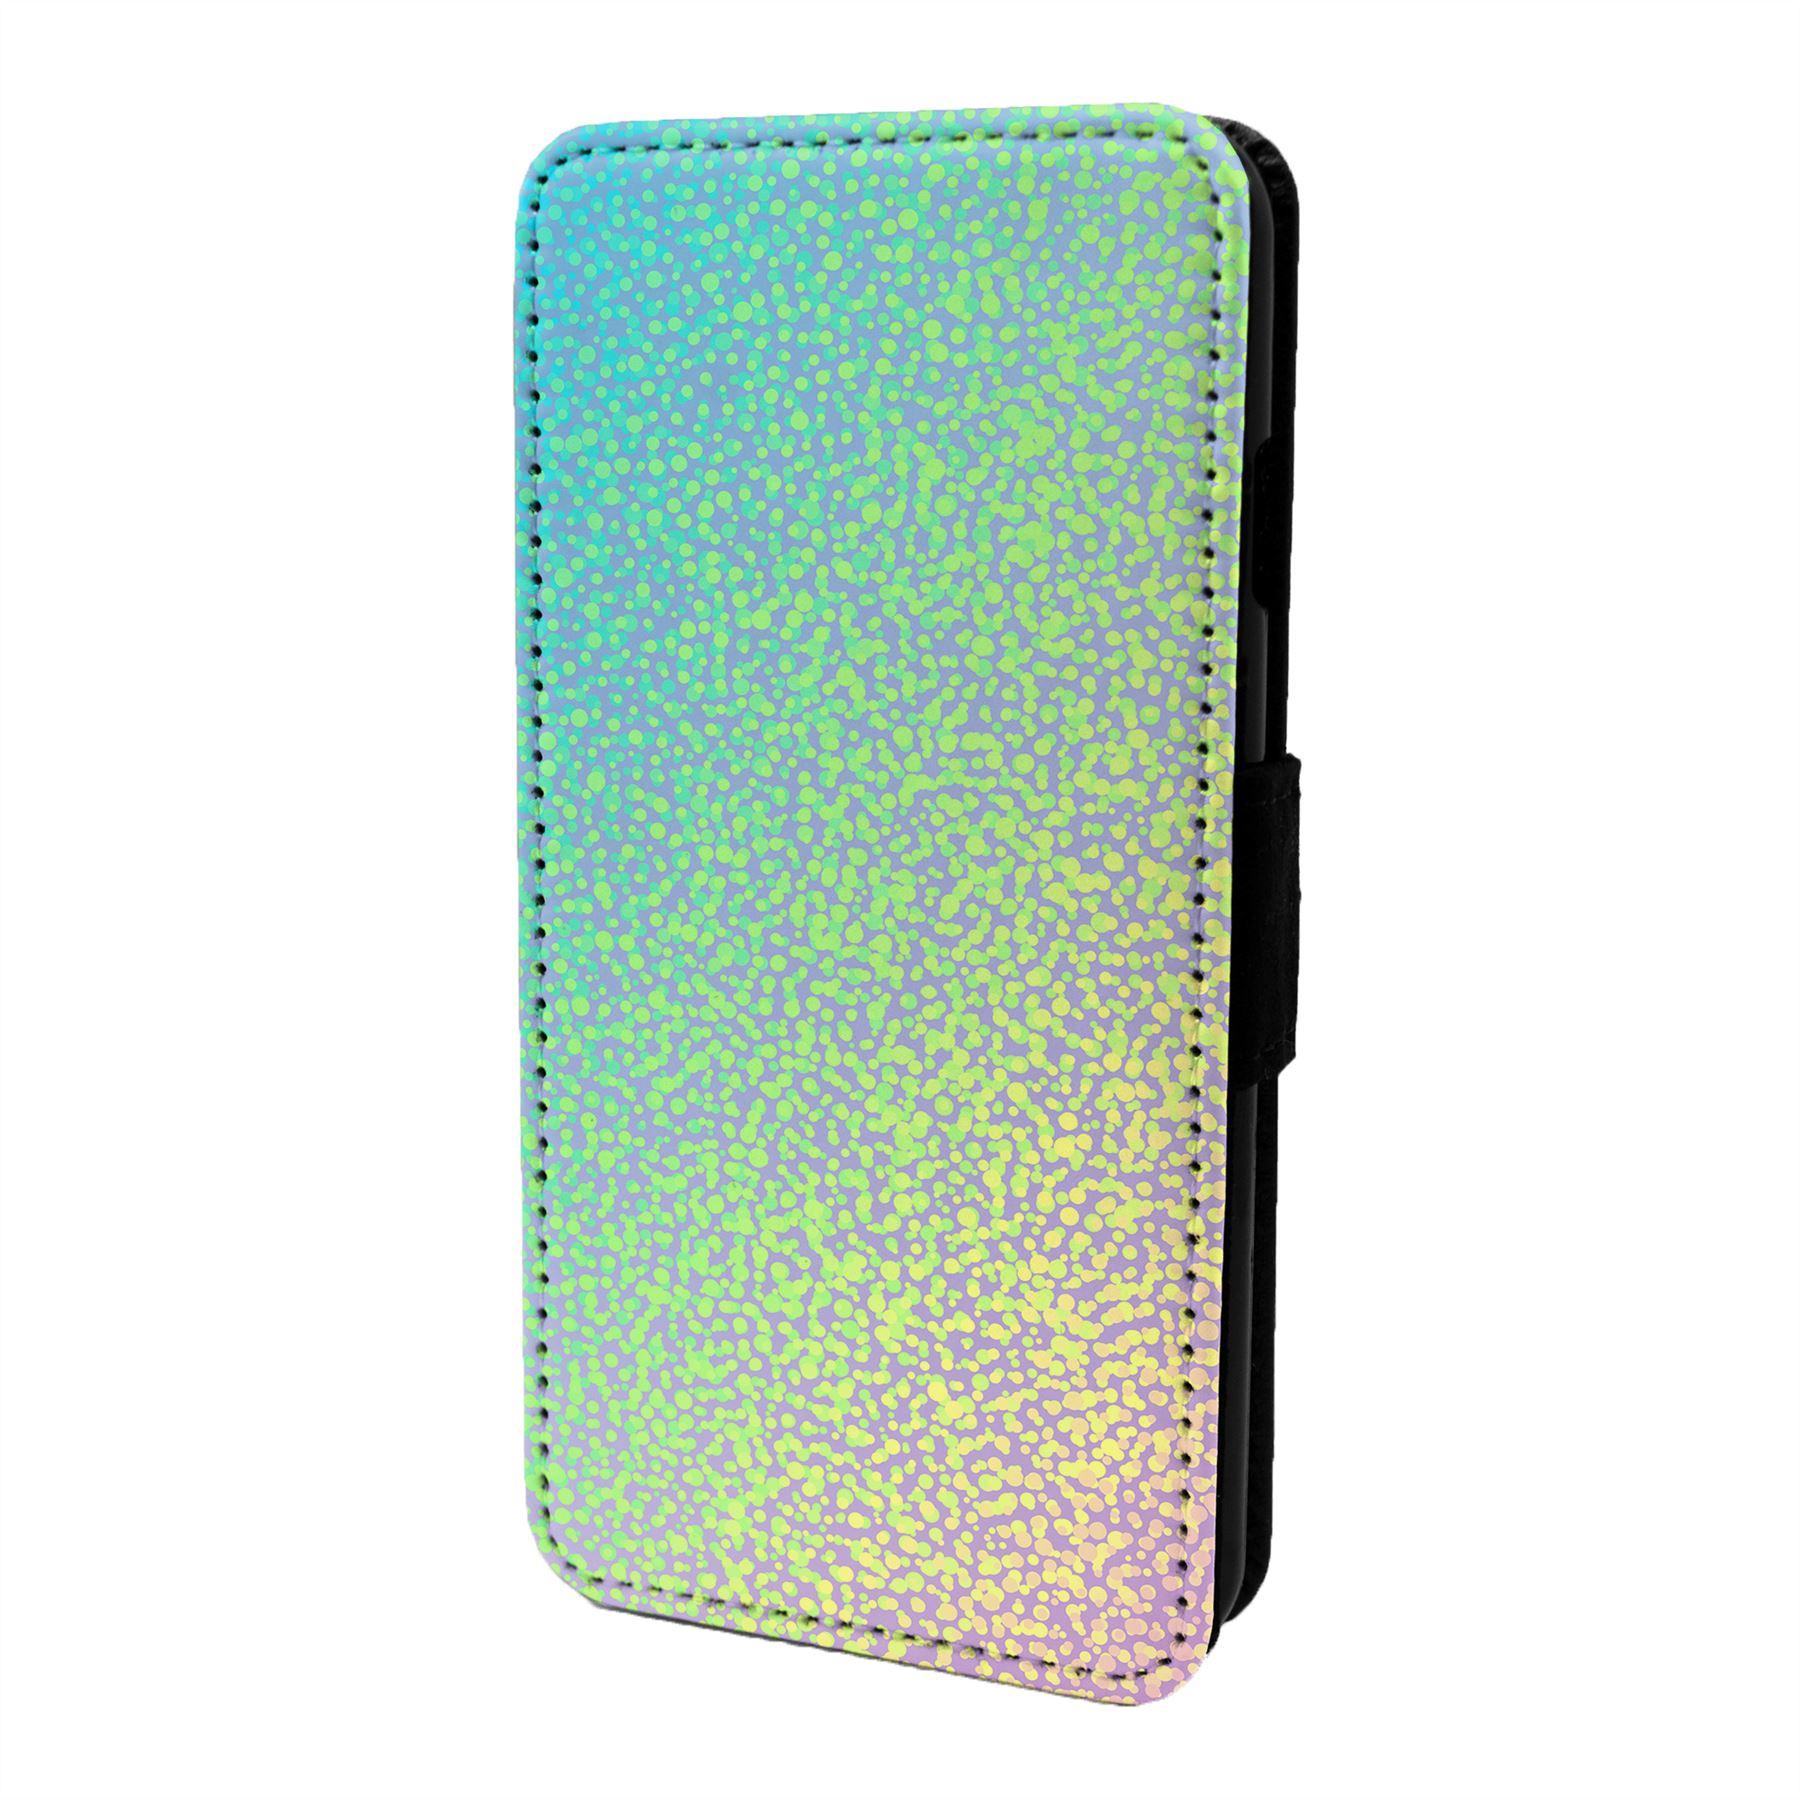 Estampado-Colorido-Funda-Libro-para-Telefono-Movil-S6815